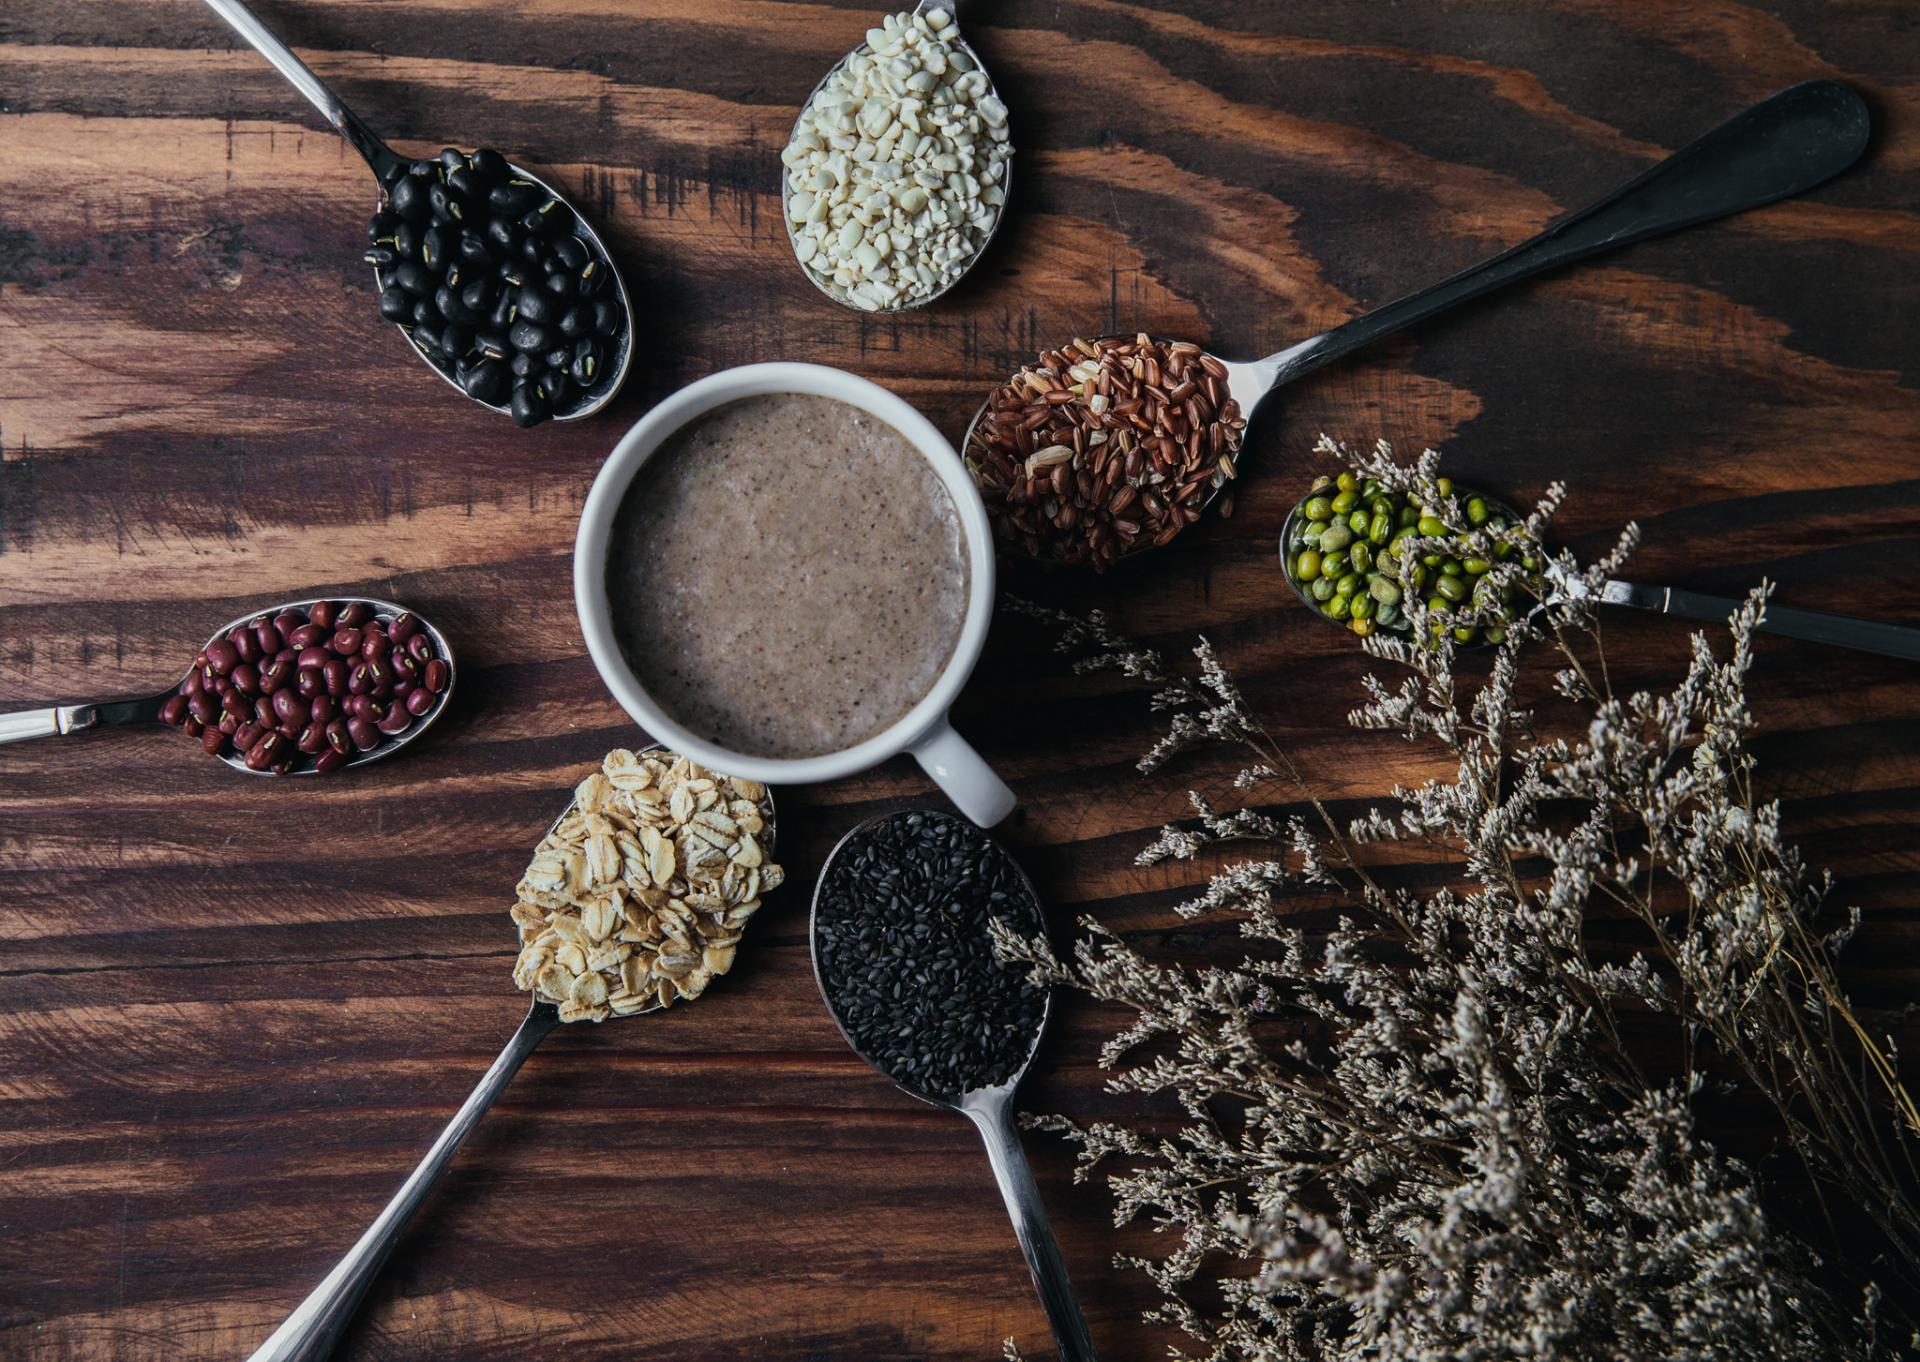 Bột mầm ngũ cốc phù hợp cho nguoief tập gym